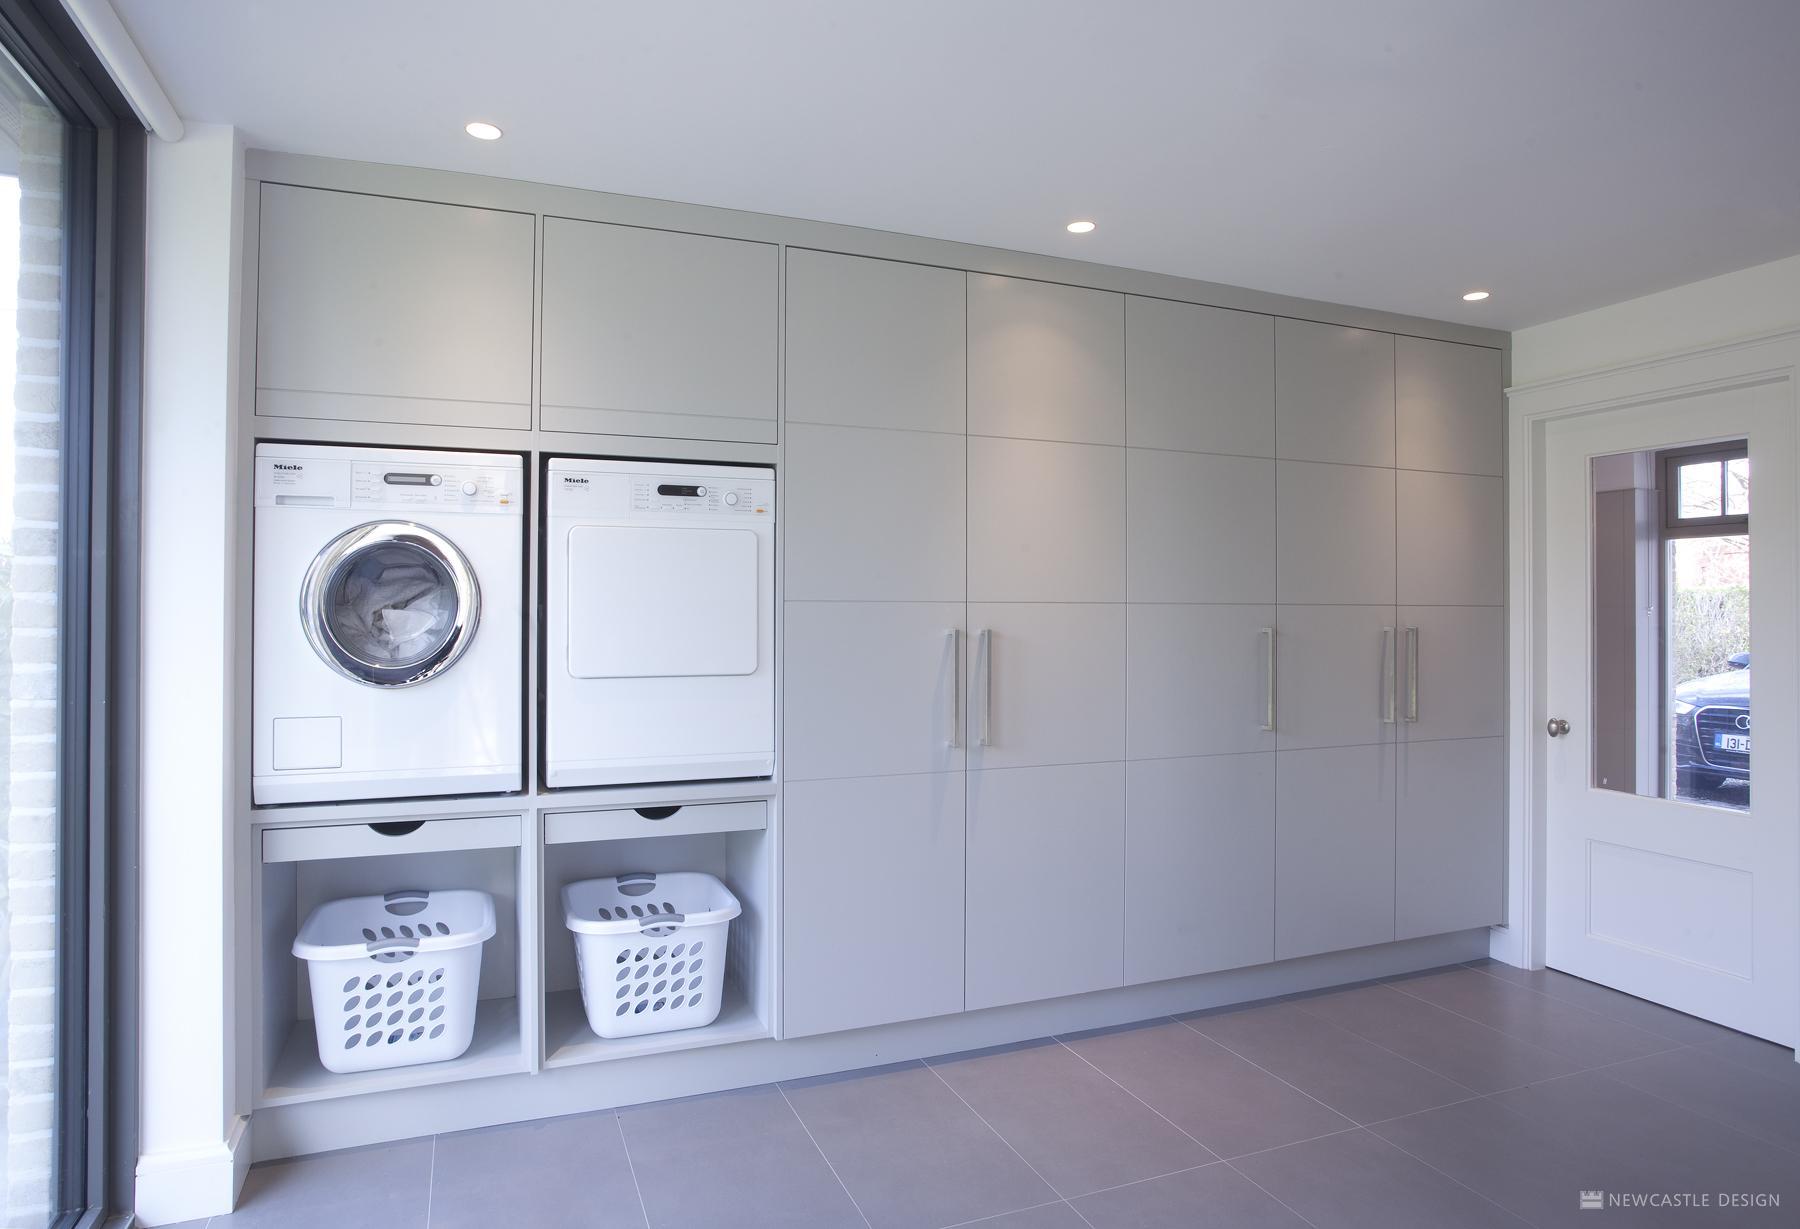 Utility Laundry Pantry Room Storage Newcastle Design Ireland